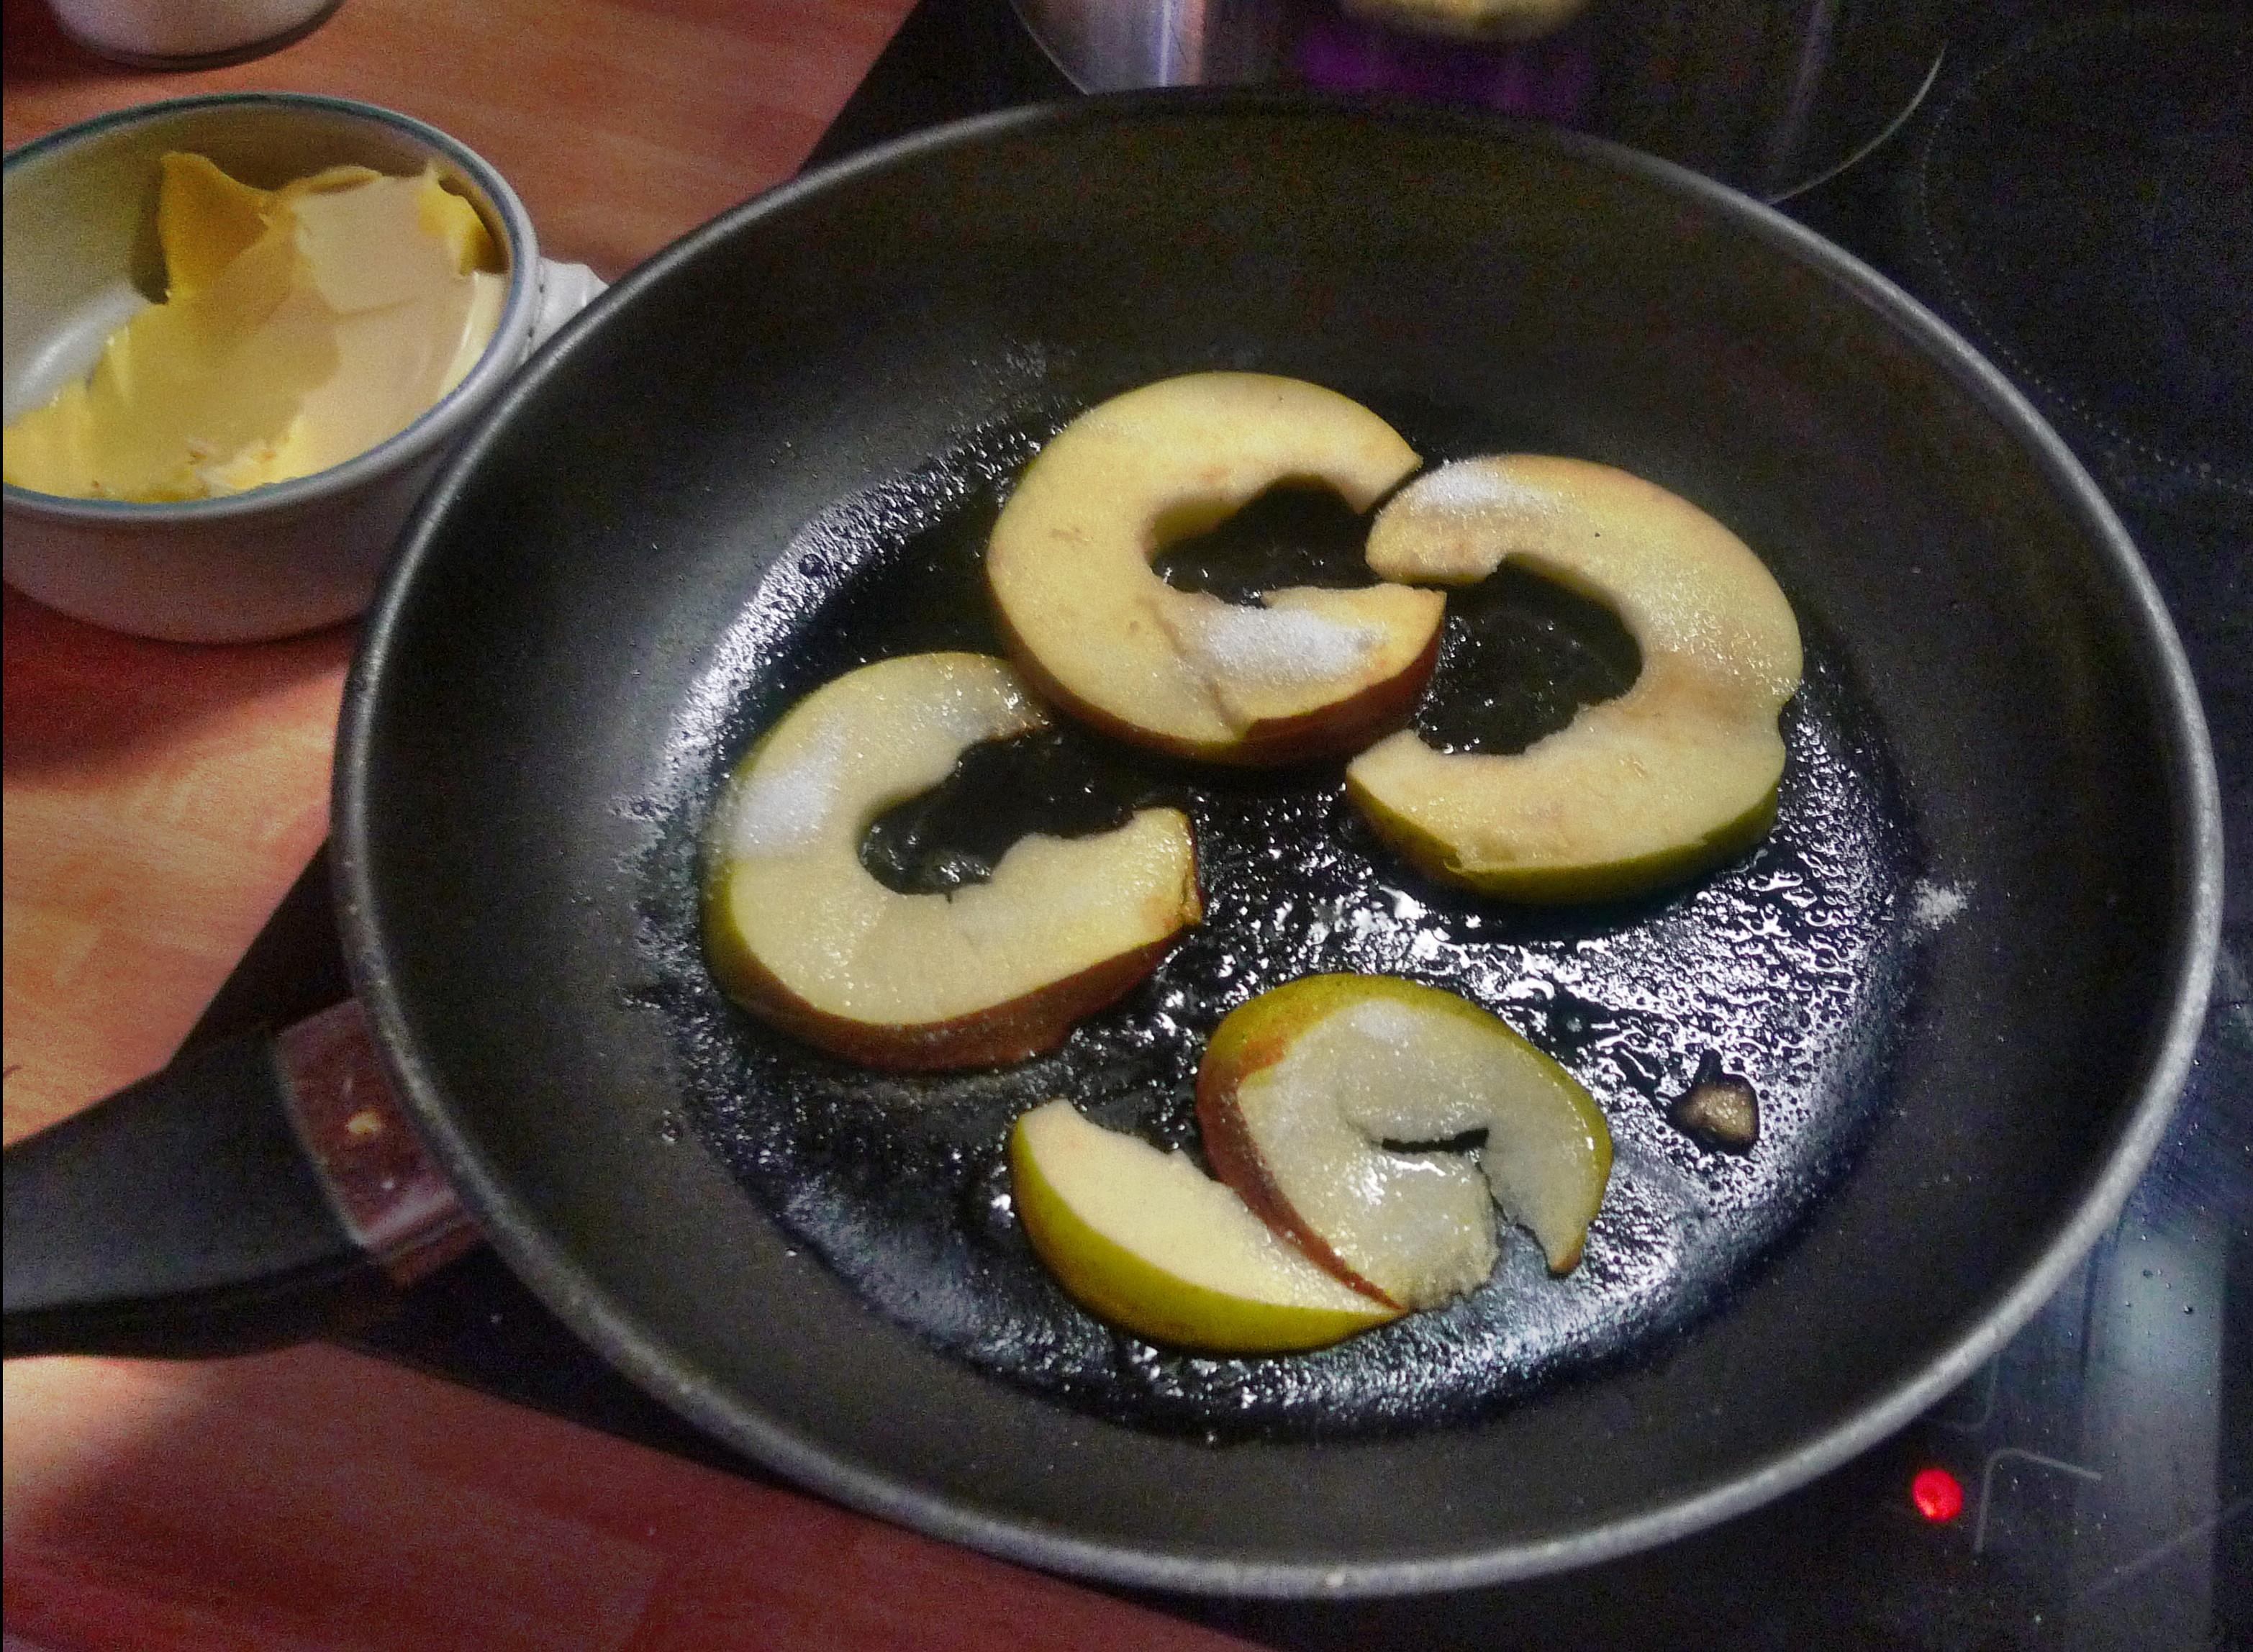 Spinat mit Nudeln-Apfel im Schlafrock -25.10.14   (31)